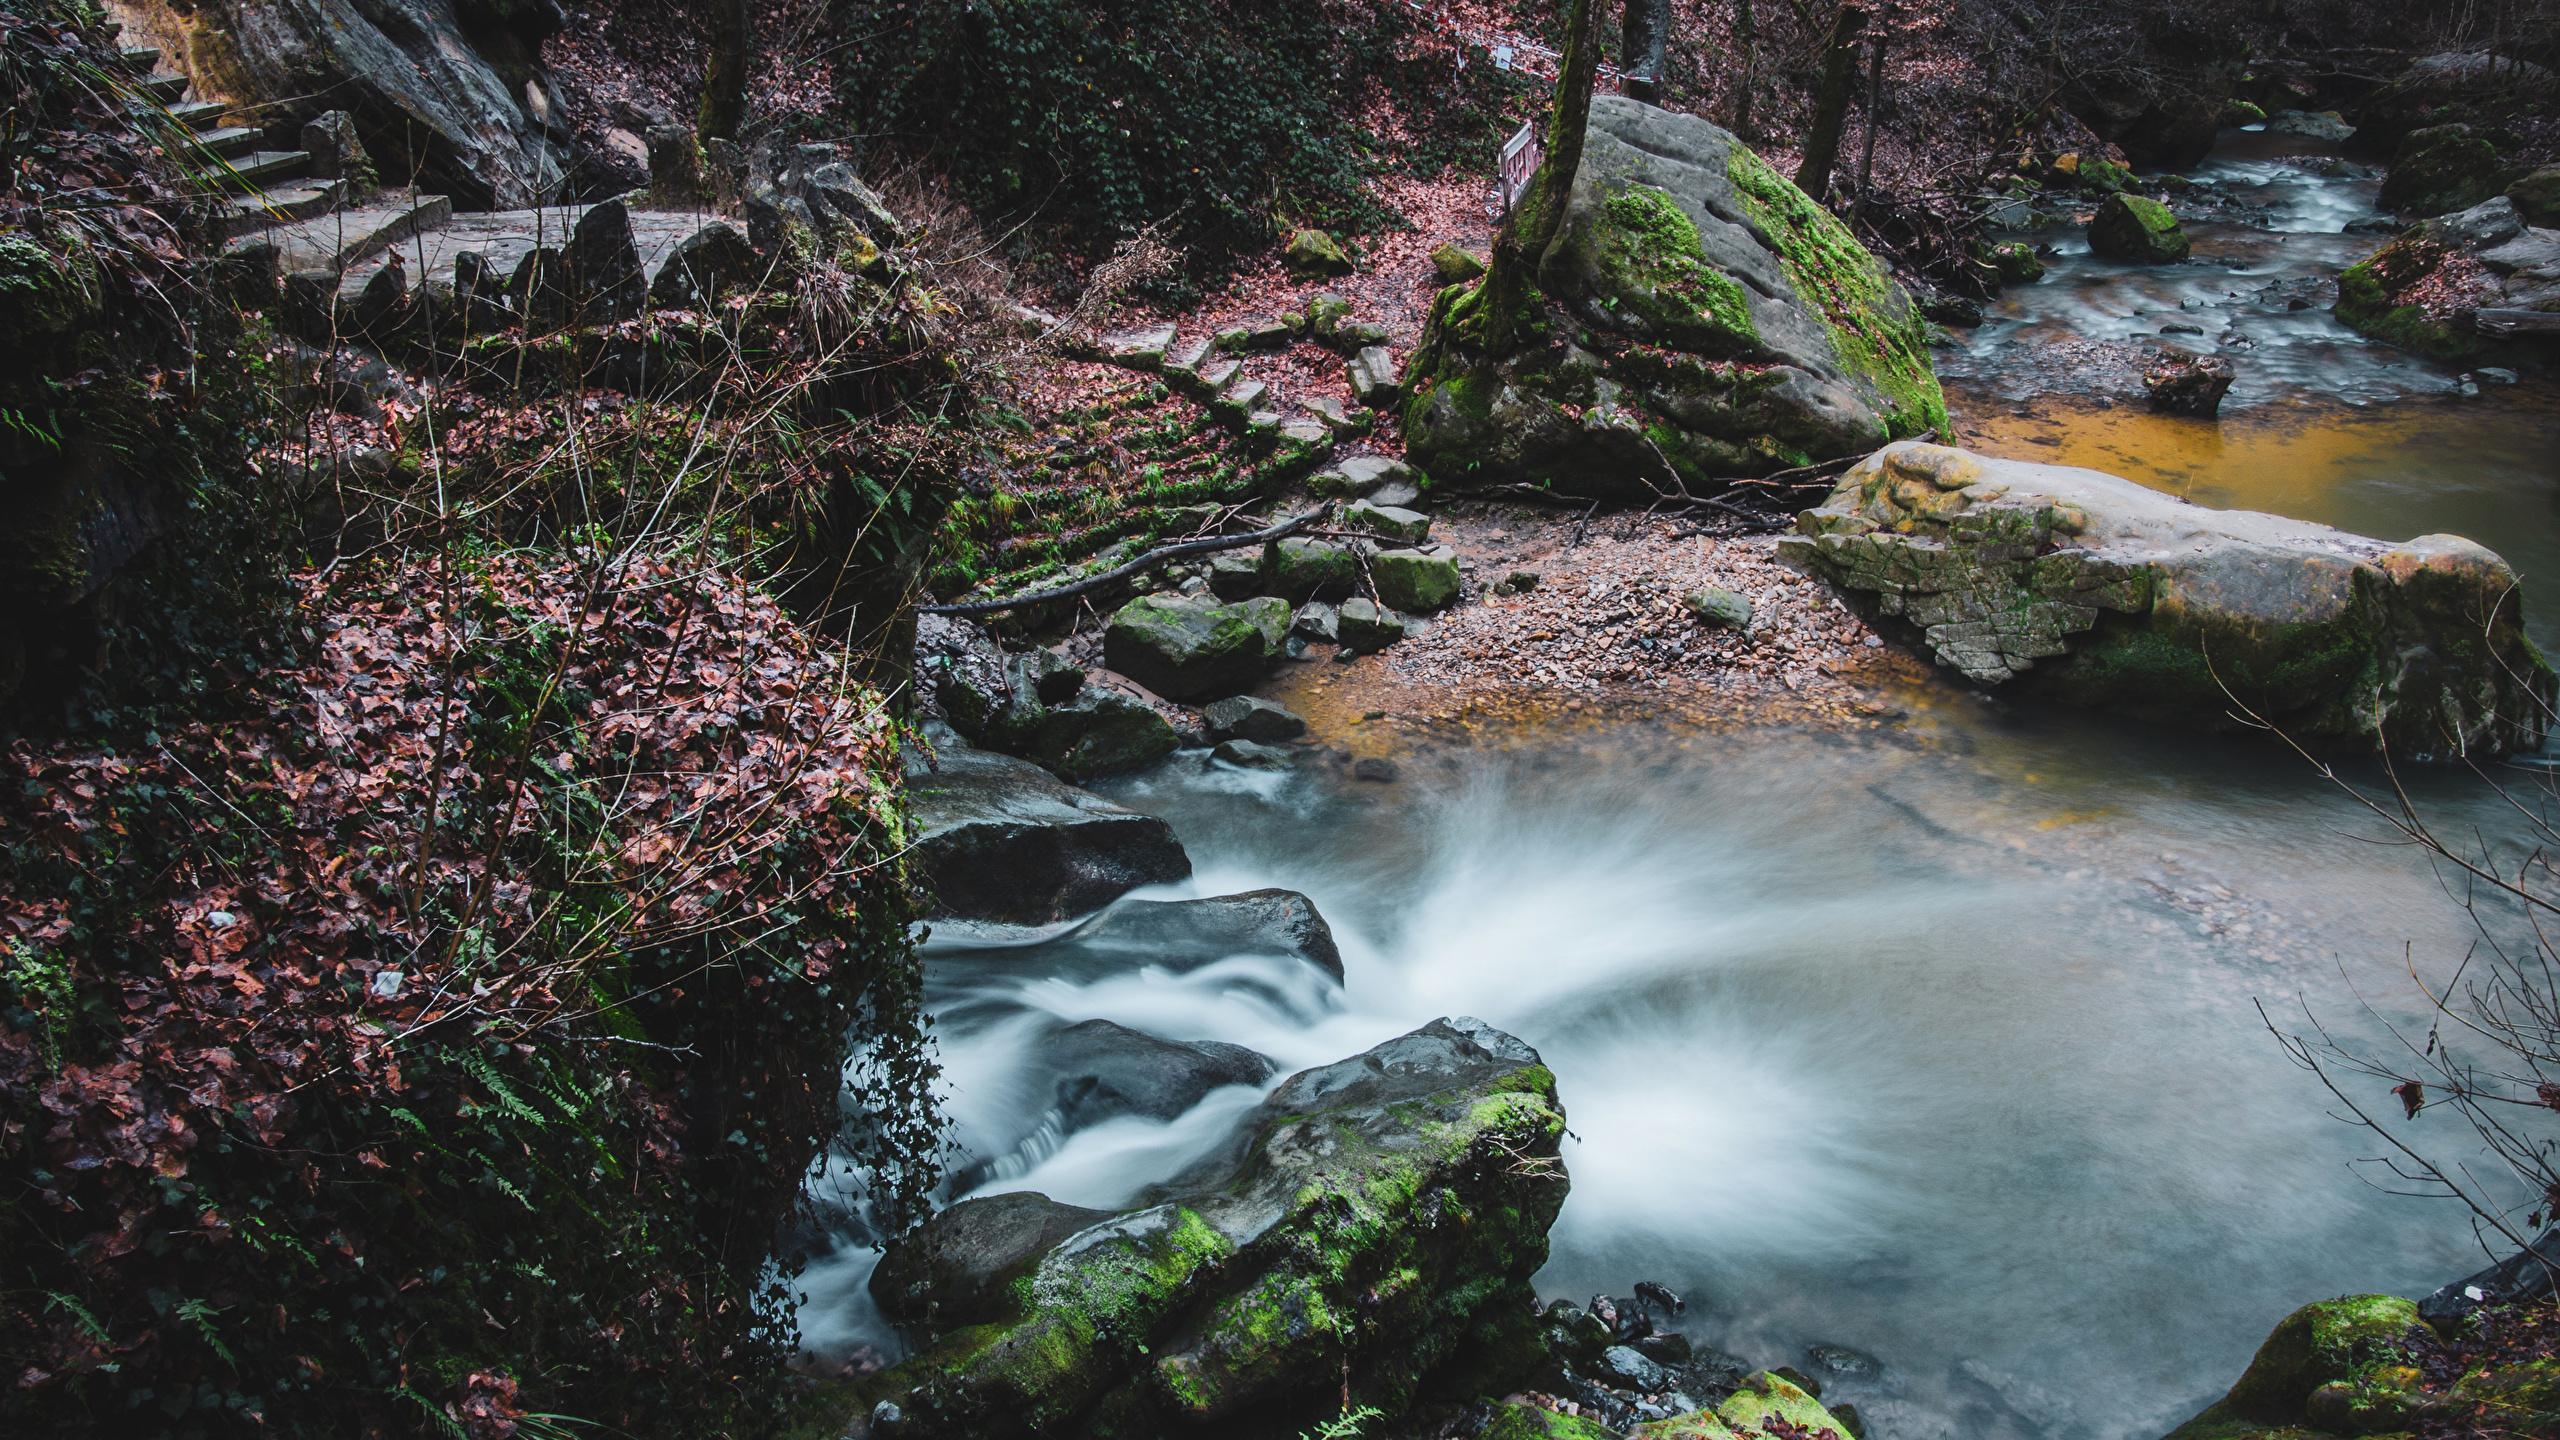 Обои для рабочего стола Люксембург Schiessentumpel Cascade Природа Водопады мха Камень 2560x1440 Мох мхом Камни